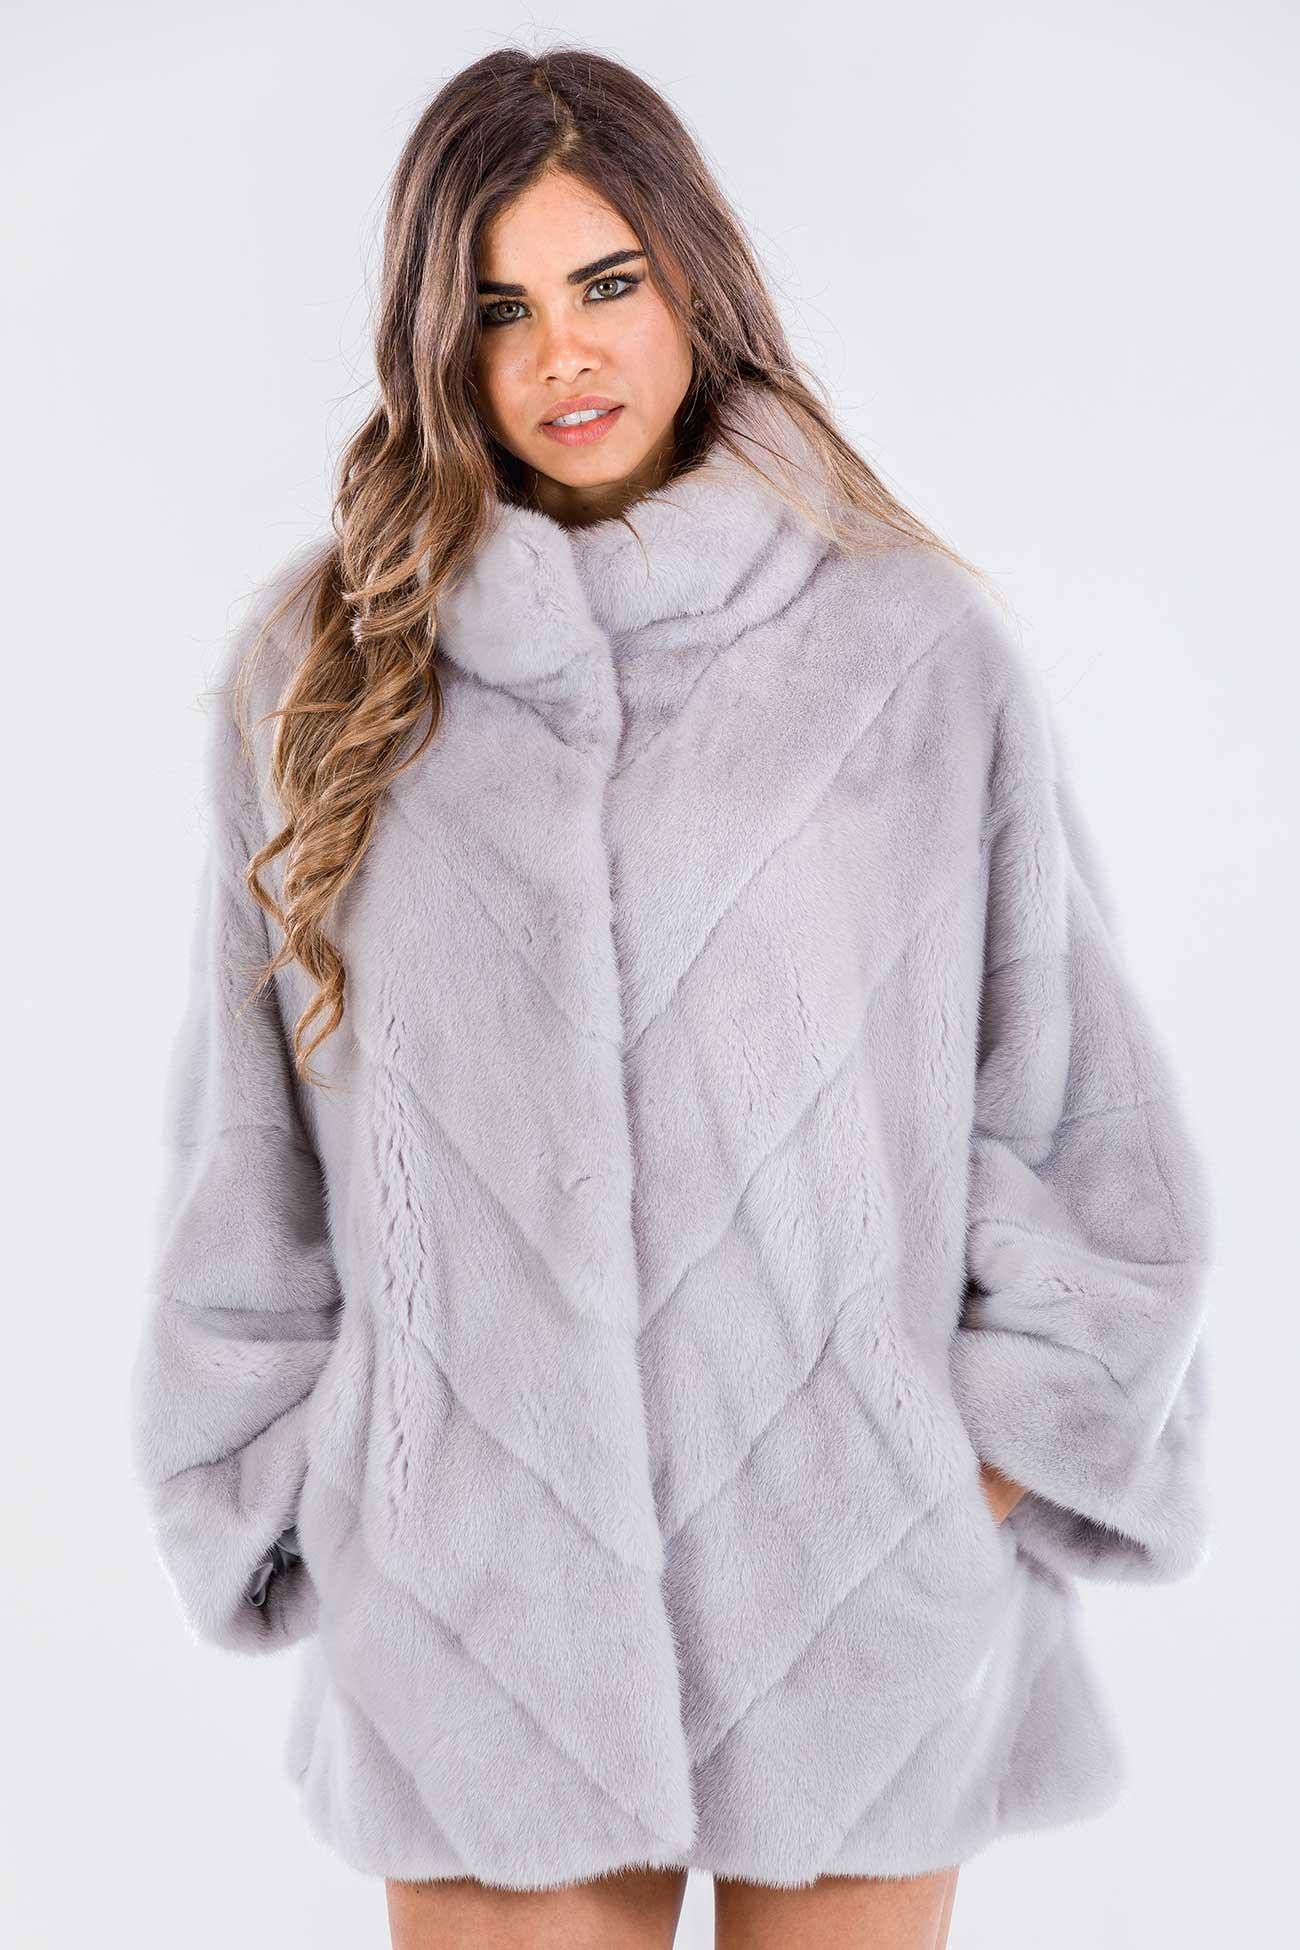 Giaccone visone oversize ice